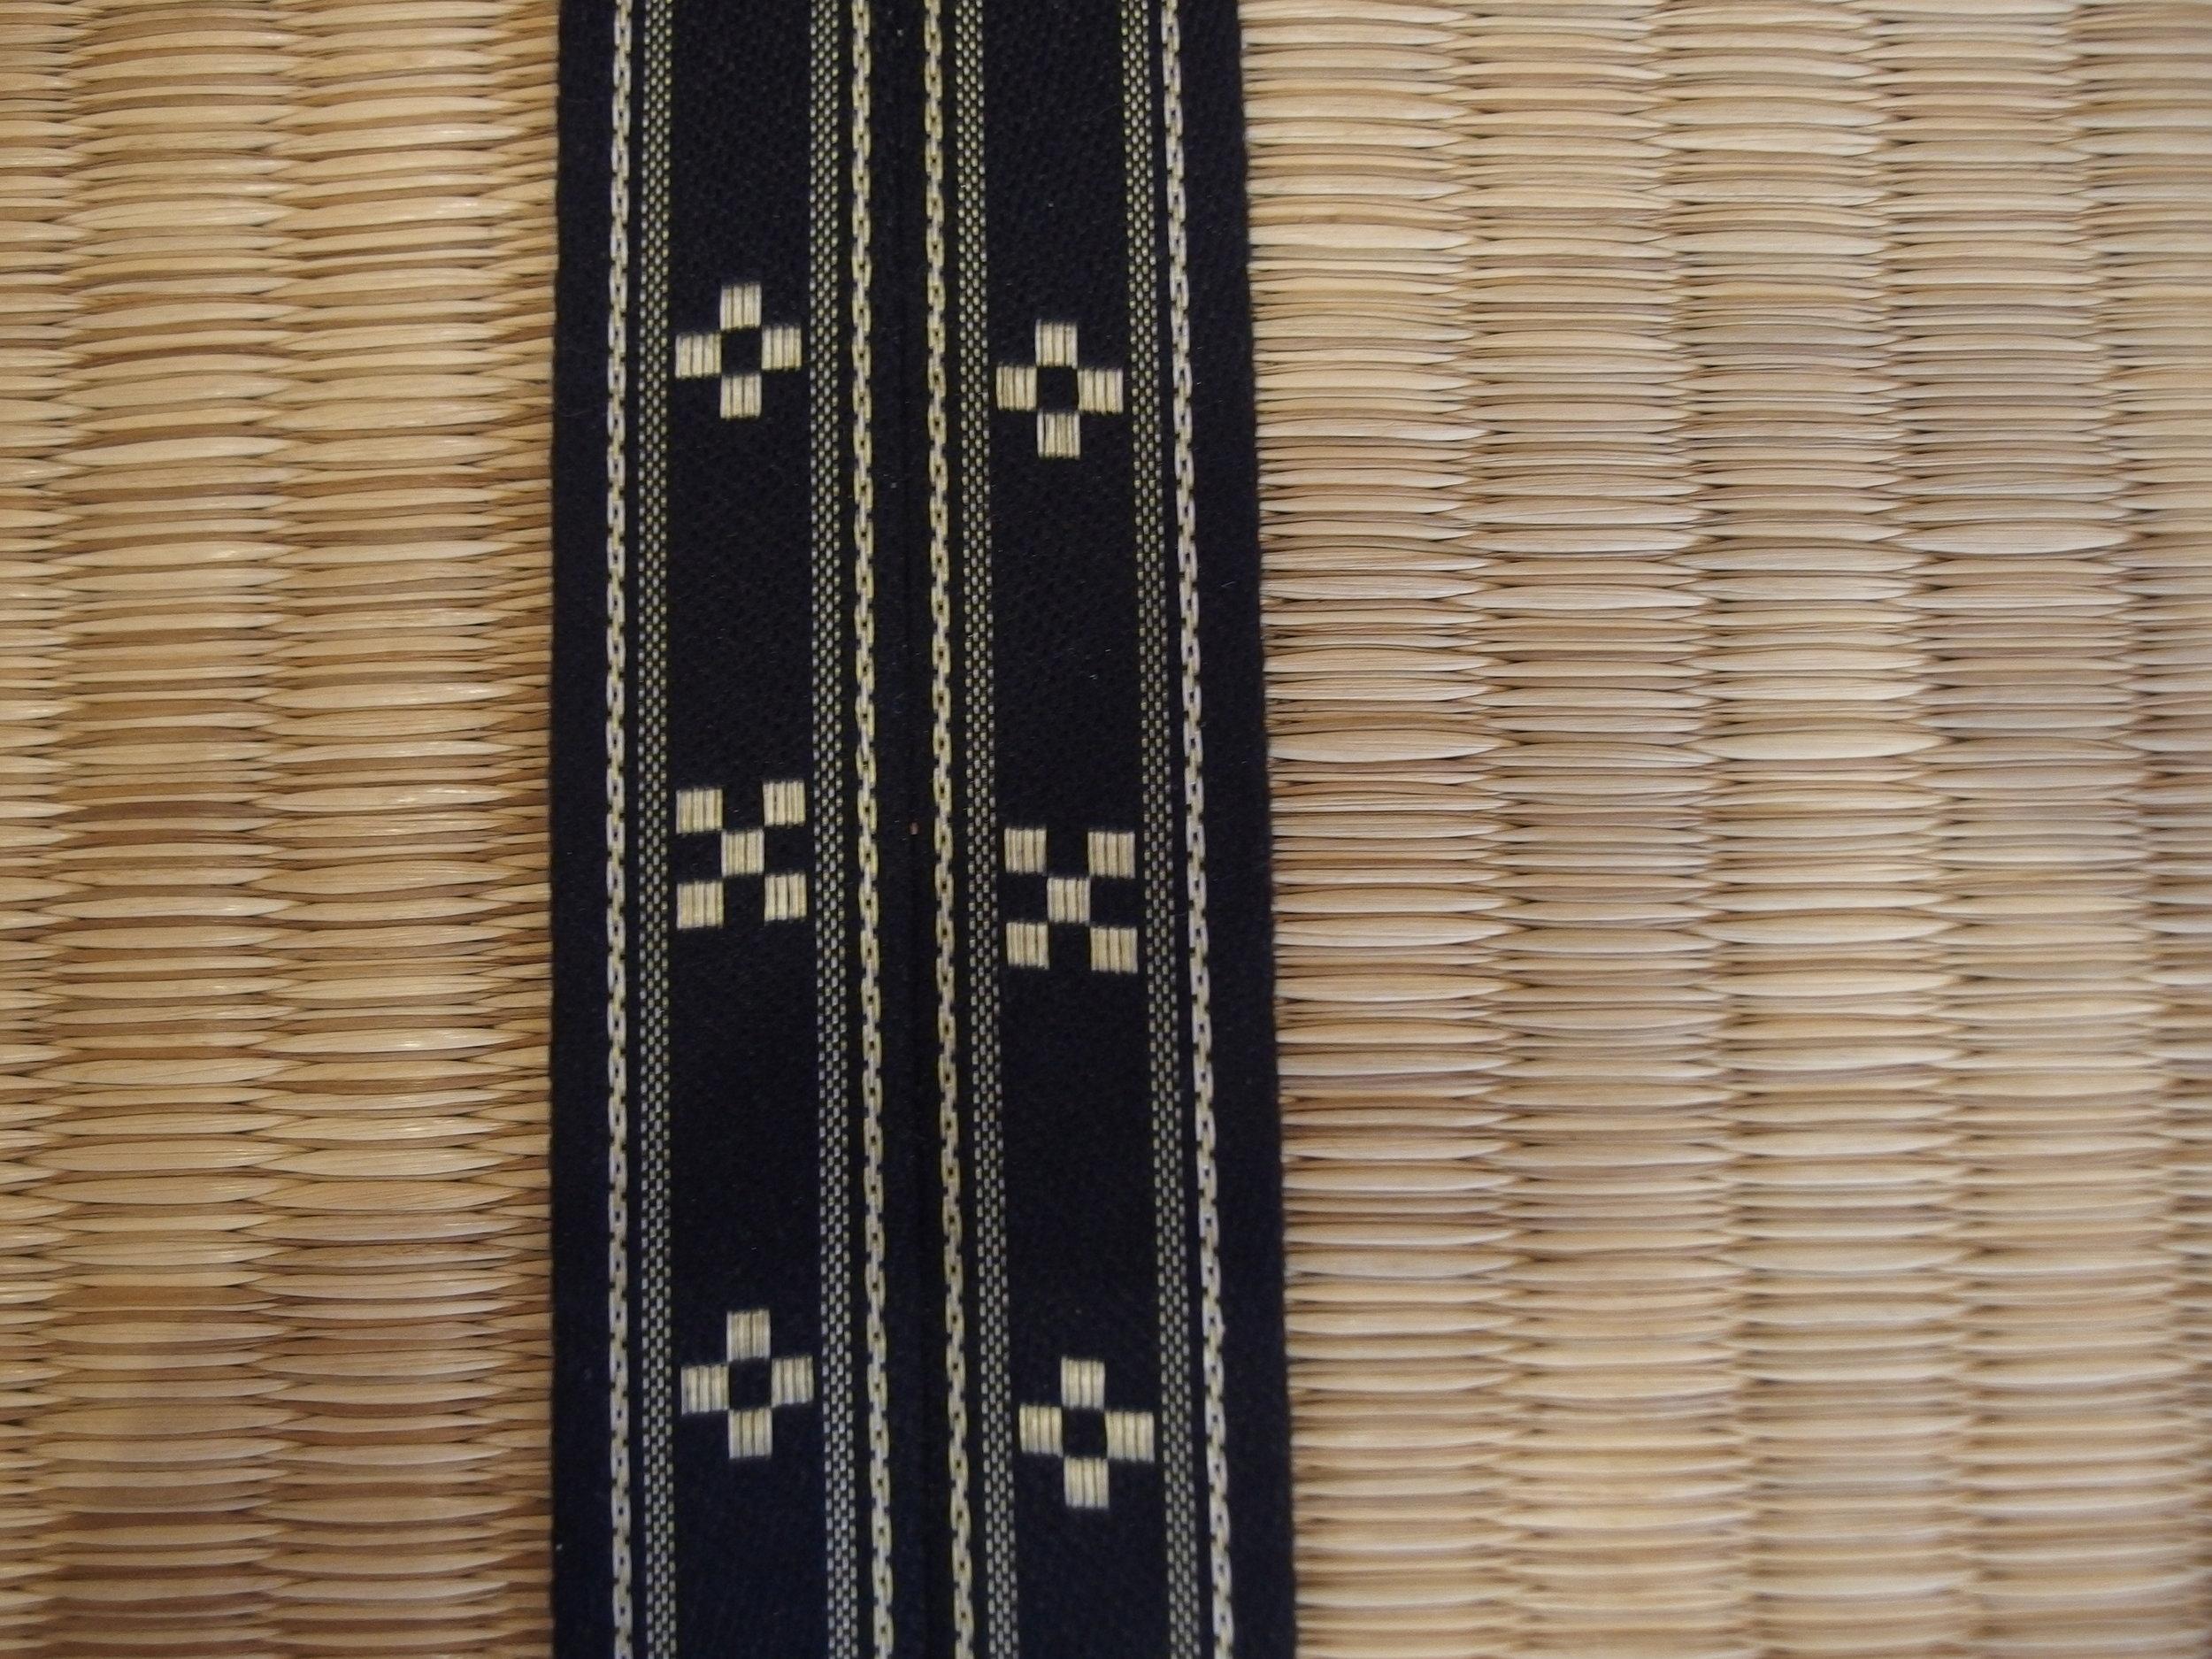 ▲畳の縁に織り込まれていたのは伝統工芸品の八重山ミンサーの模様。五つのマス目と四つのマス目で、「いつ(五つ)の世(四つ)までも末長く……」という思いが込められている。